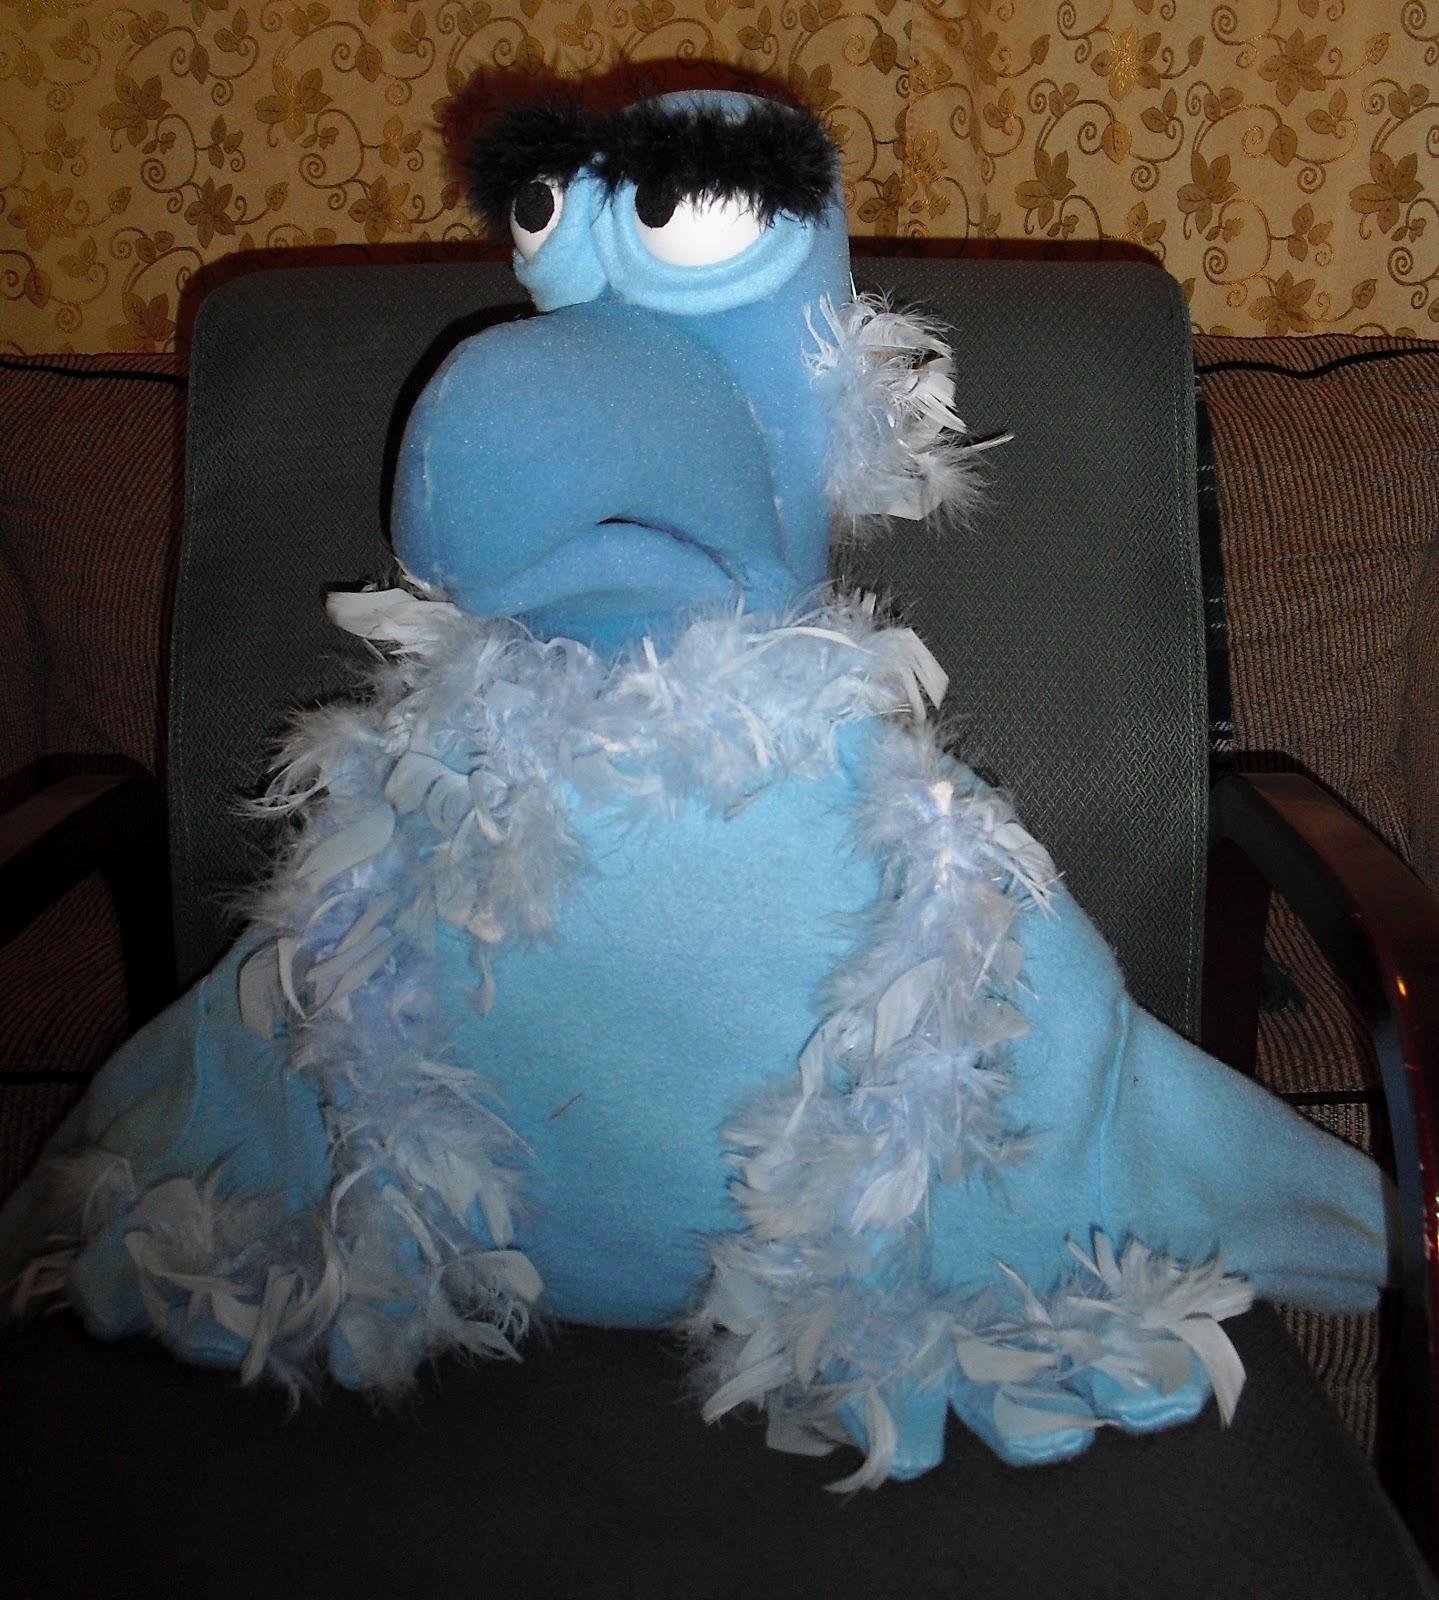 Muppet Quotes Life Quotesgram: Sam The Eagle Quotes. QuotesGram